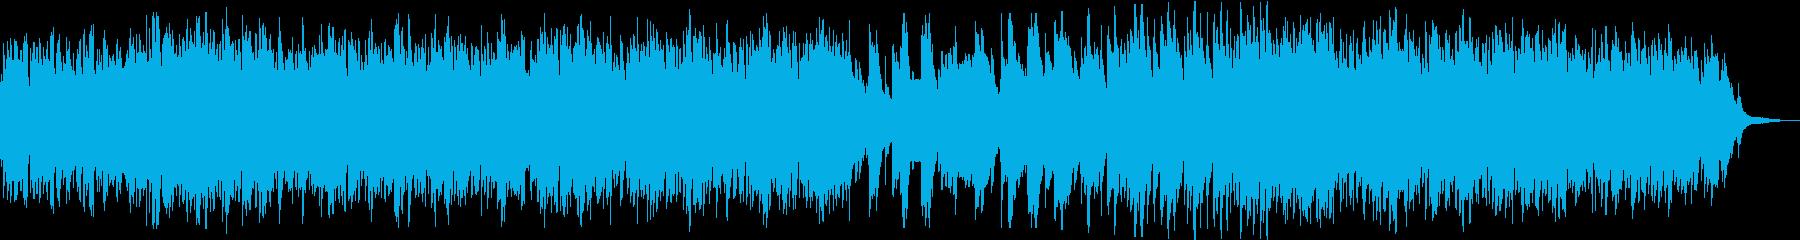 ゆったりと落ち着いたピアノソロ曲の再生済みの波形